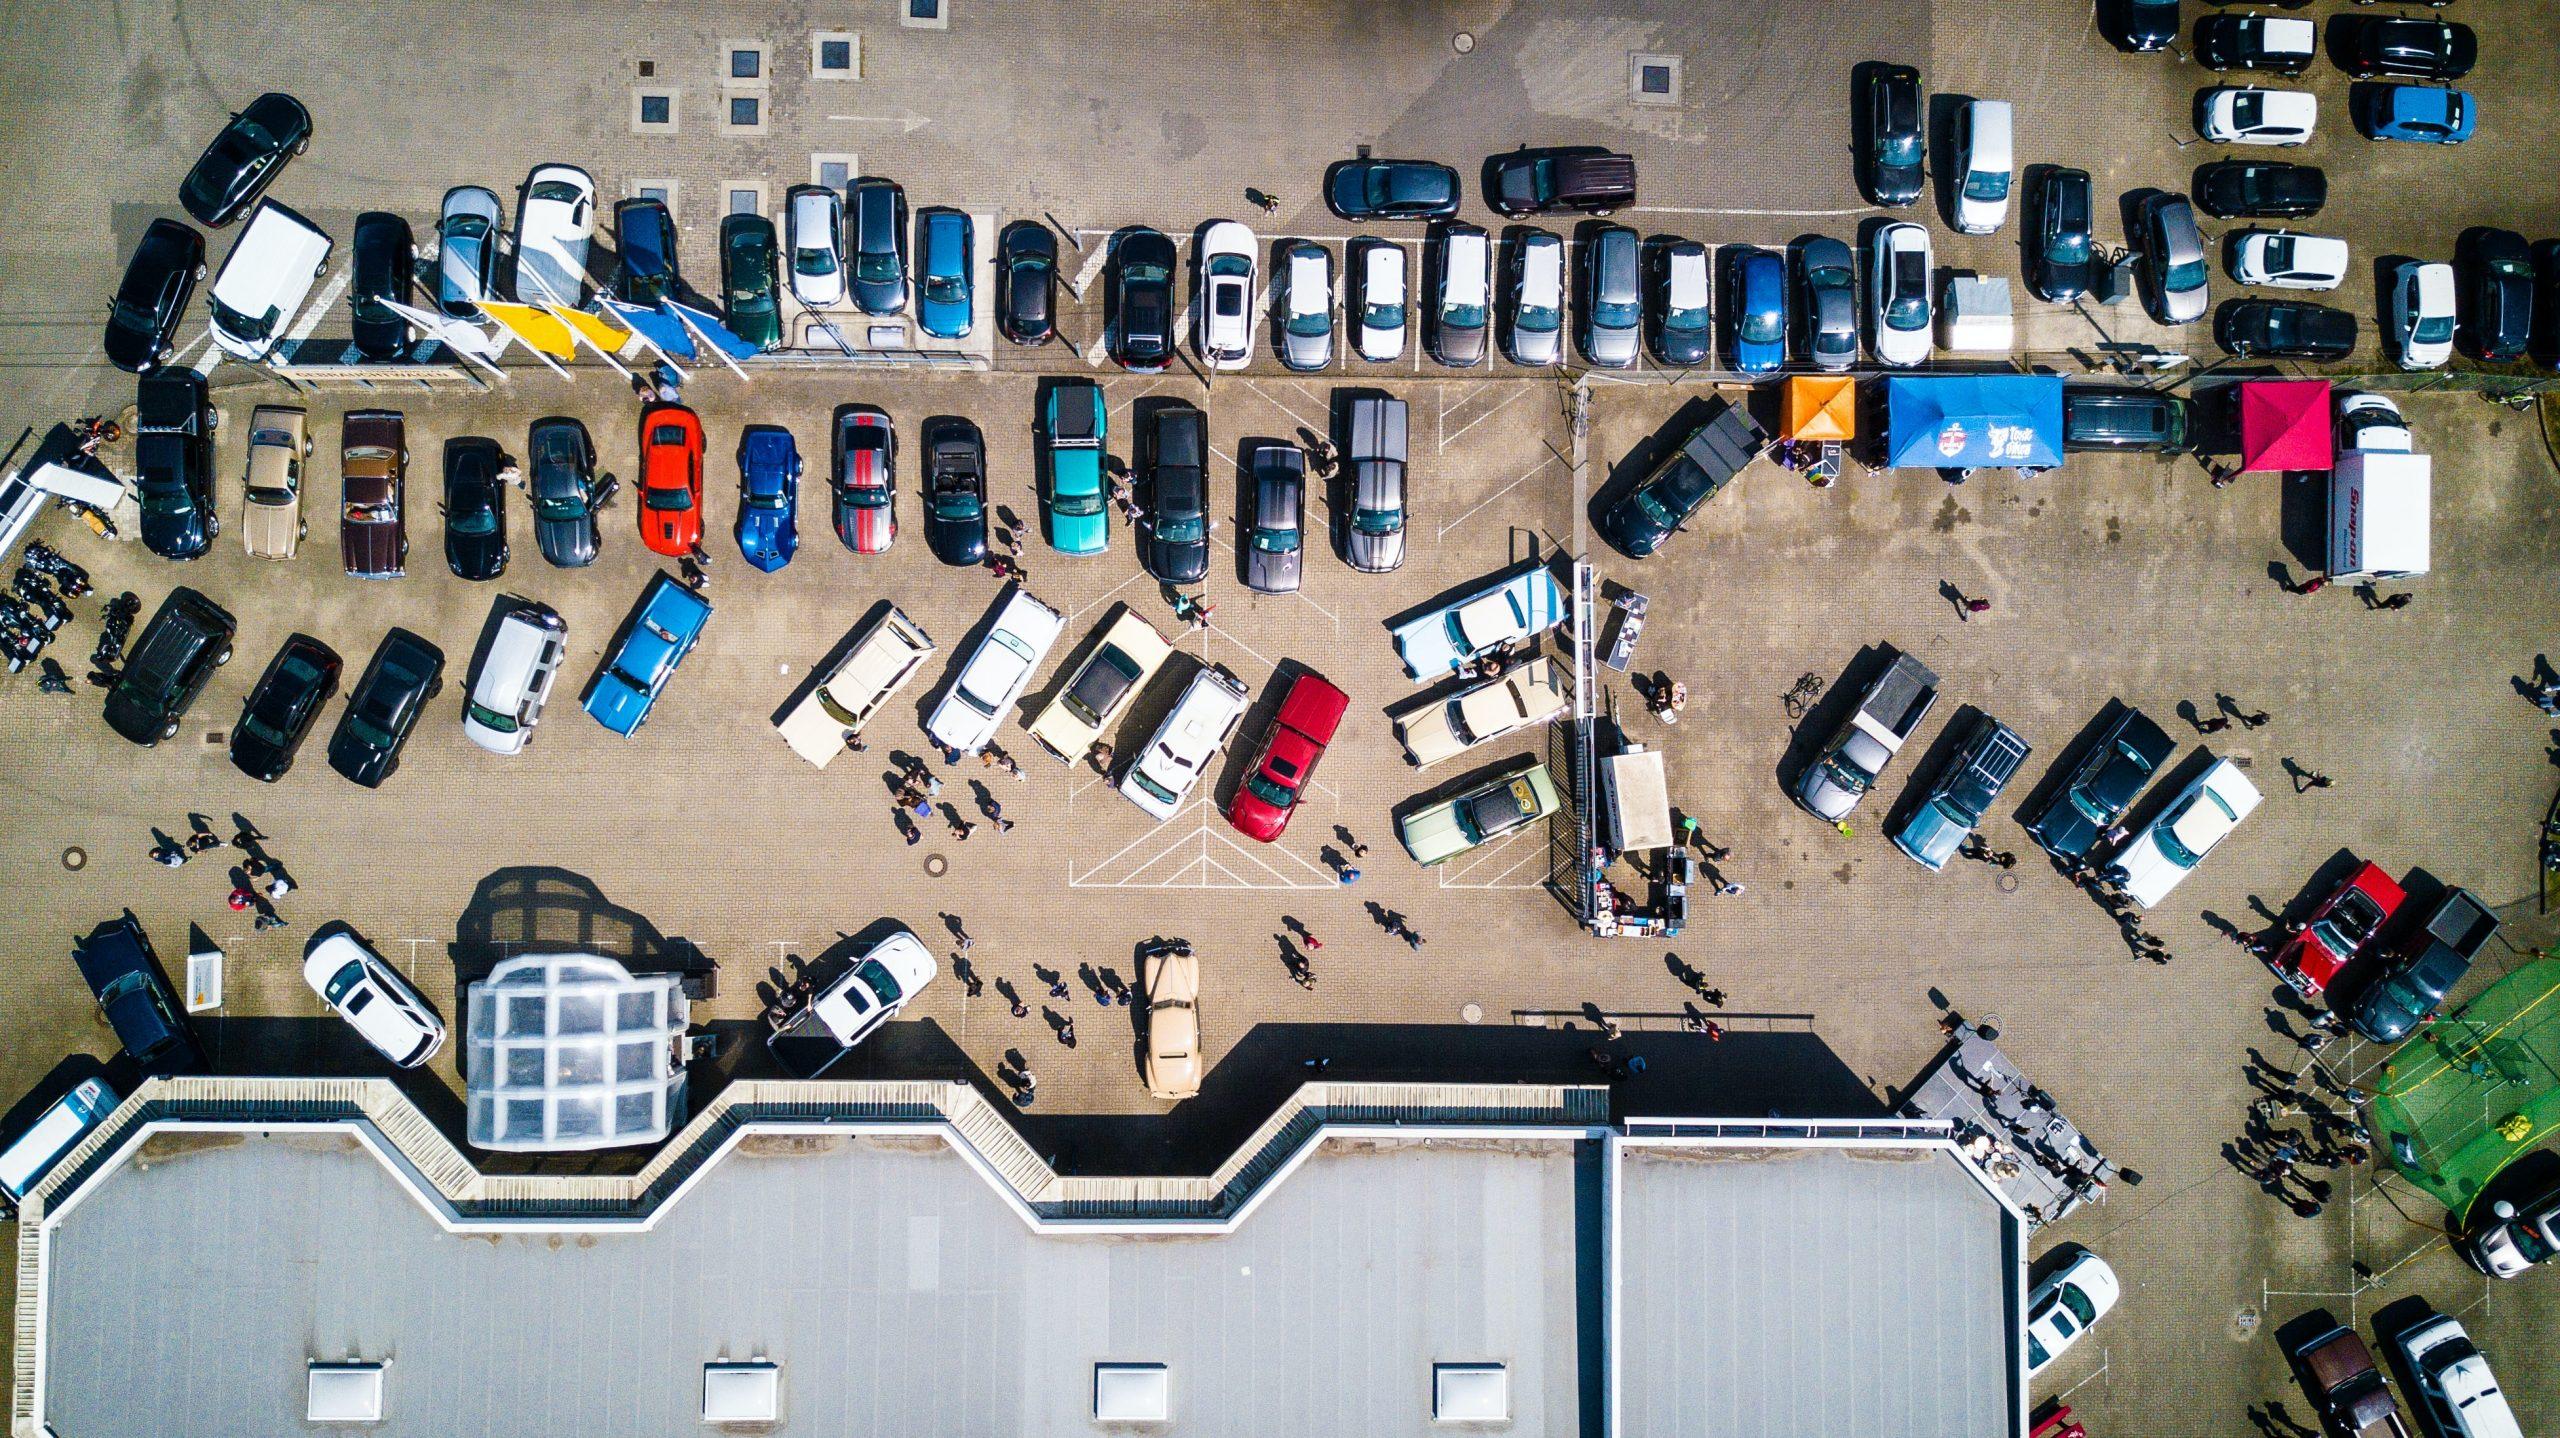 În București e cea mai scumpă parcare din țară. Cât costă? Păi, în 5 ani, alegi: ori parchezi câteva ore pe zi acolo, ori îți iei casă